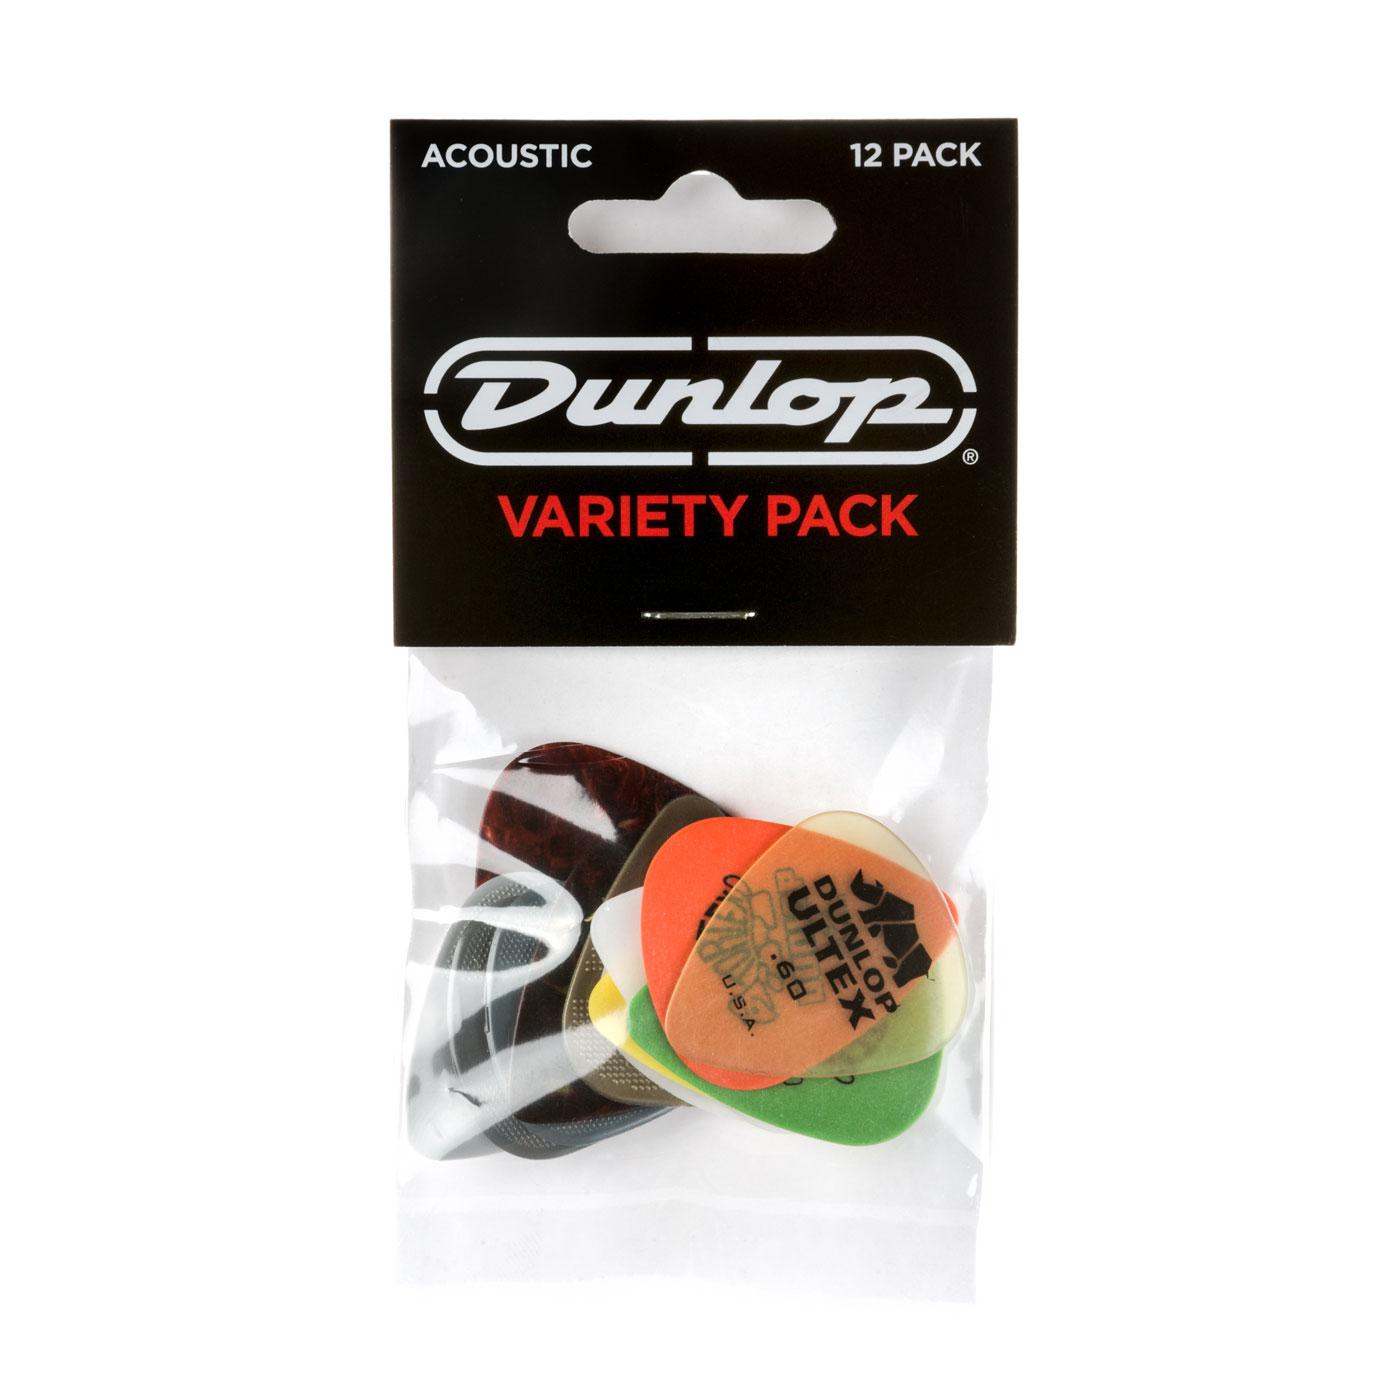 DUNLOP Médiators Acoustic Variety Pack